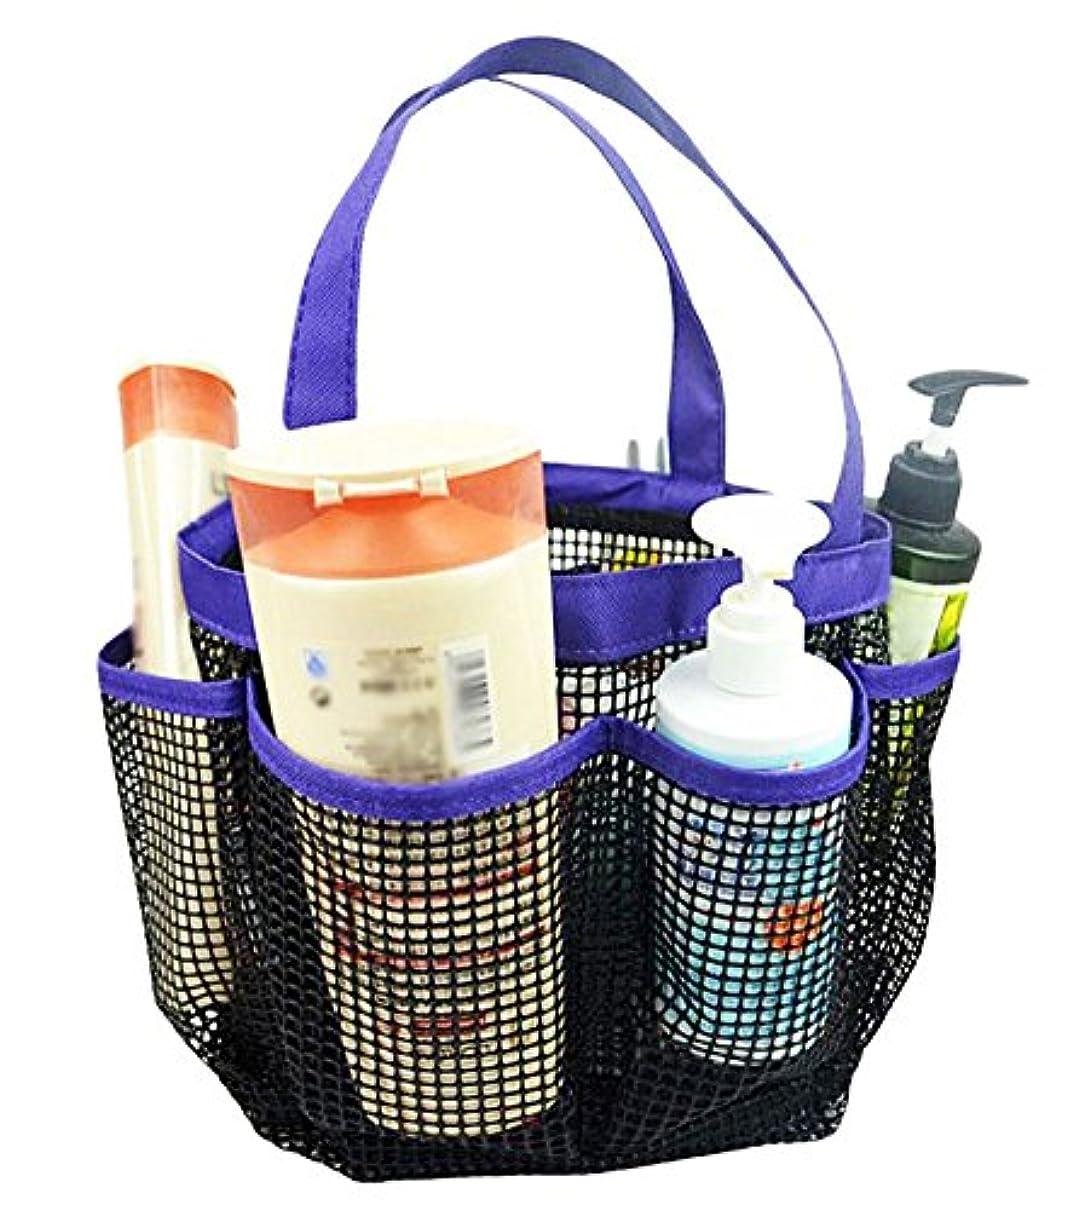 バイオレット元気化粧アウトドアクイックドライメッシュシャワーアクセサリーTote with Double handles-purple